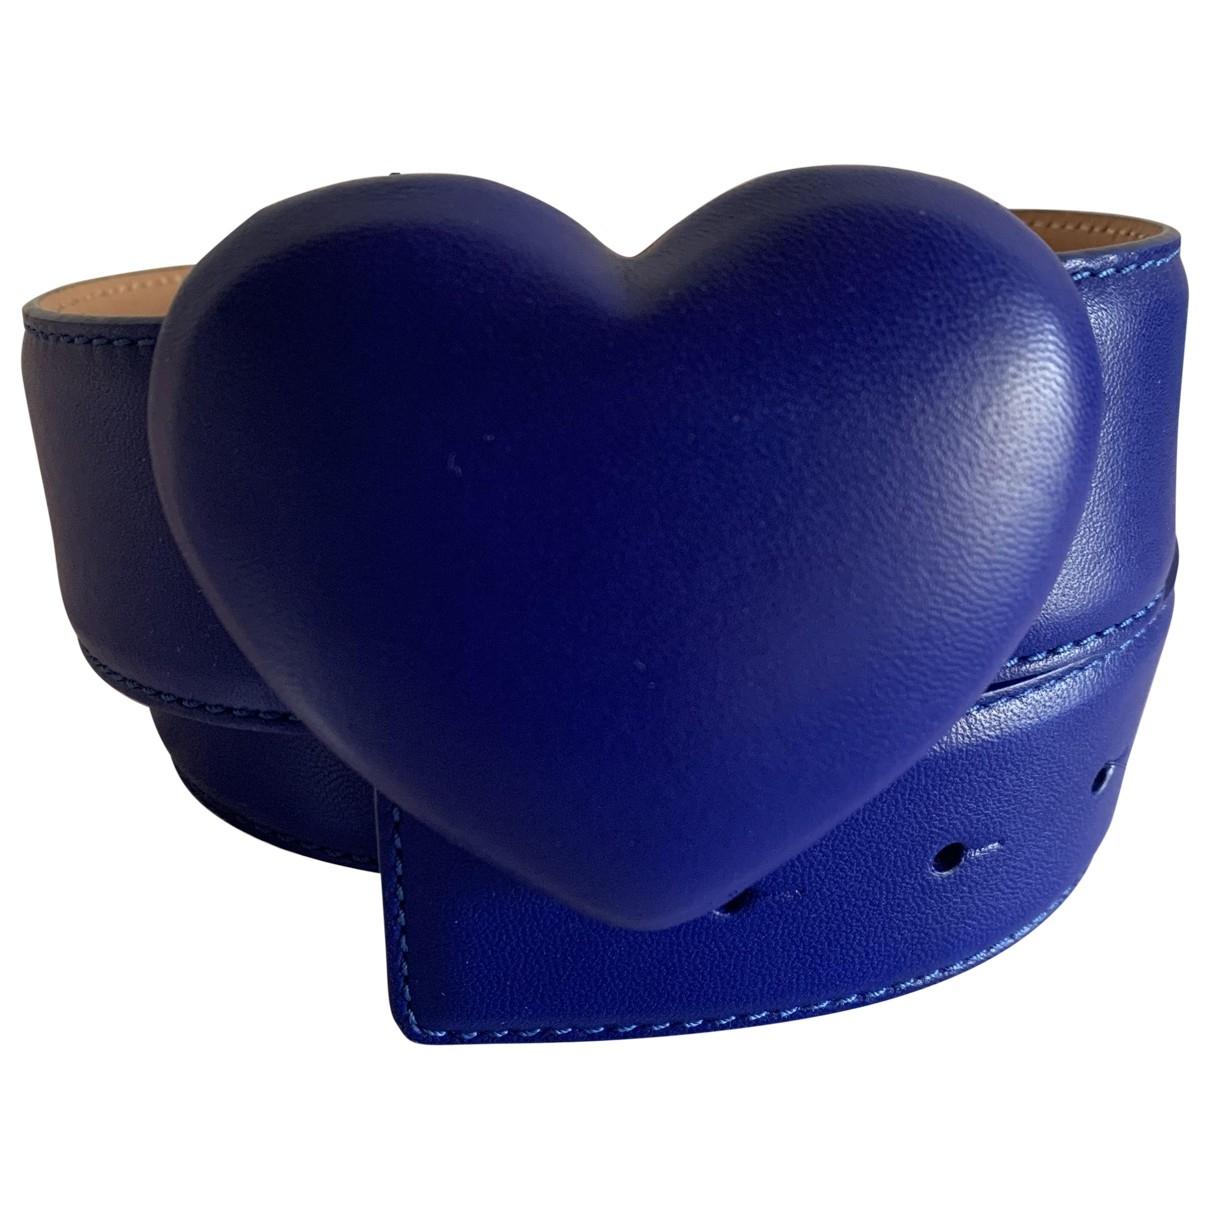 Cinturon de Cuero Moschino Cheap And Chic